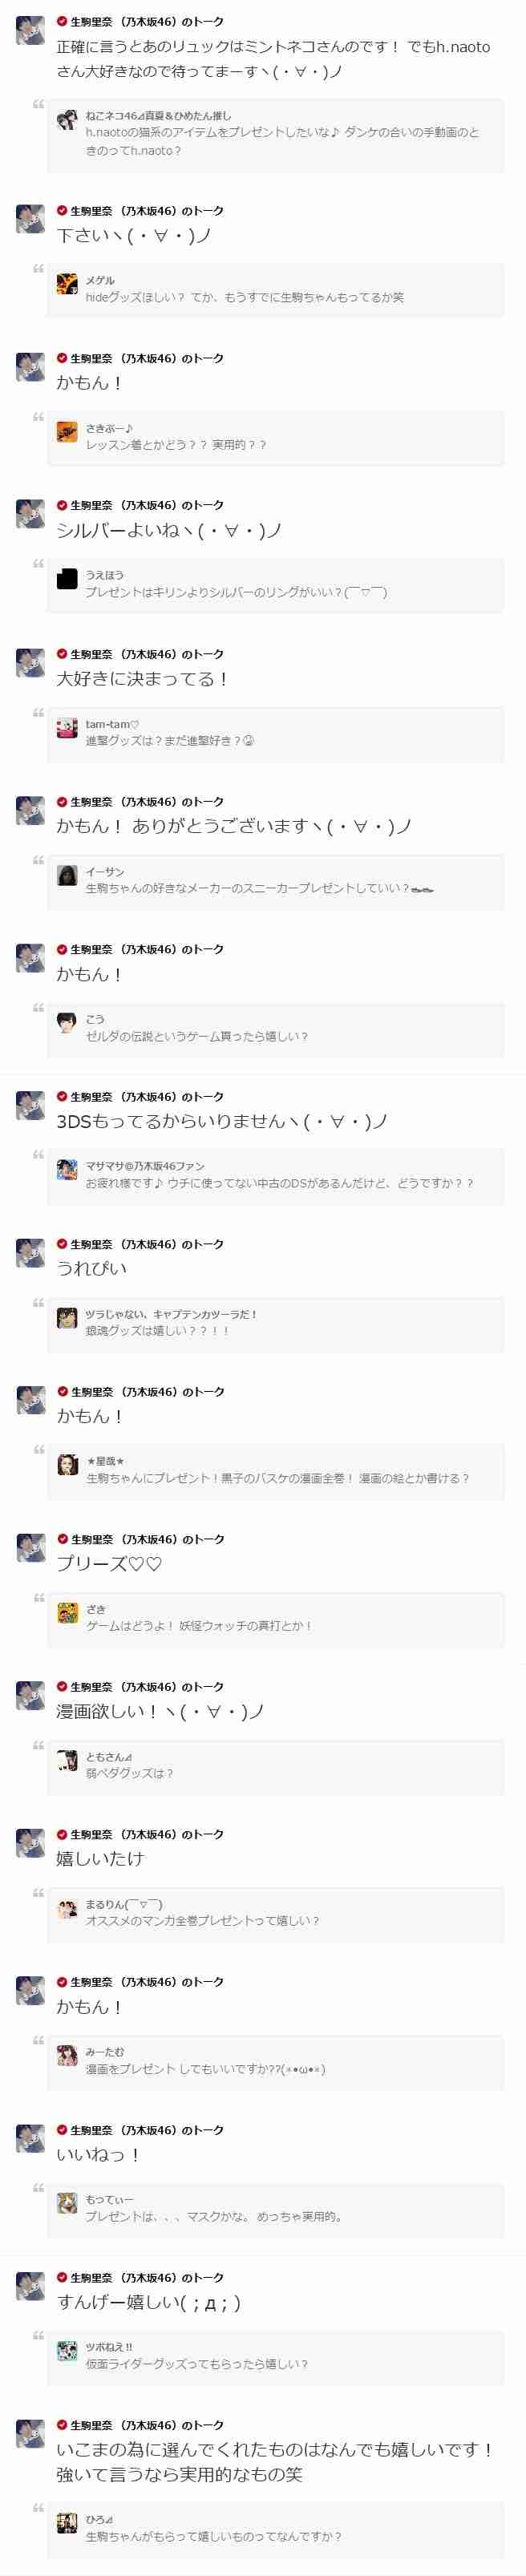 生駒里奈が乃木坂46を電撃卒業!芸能活動は継続